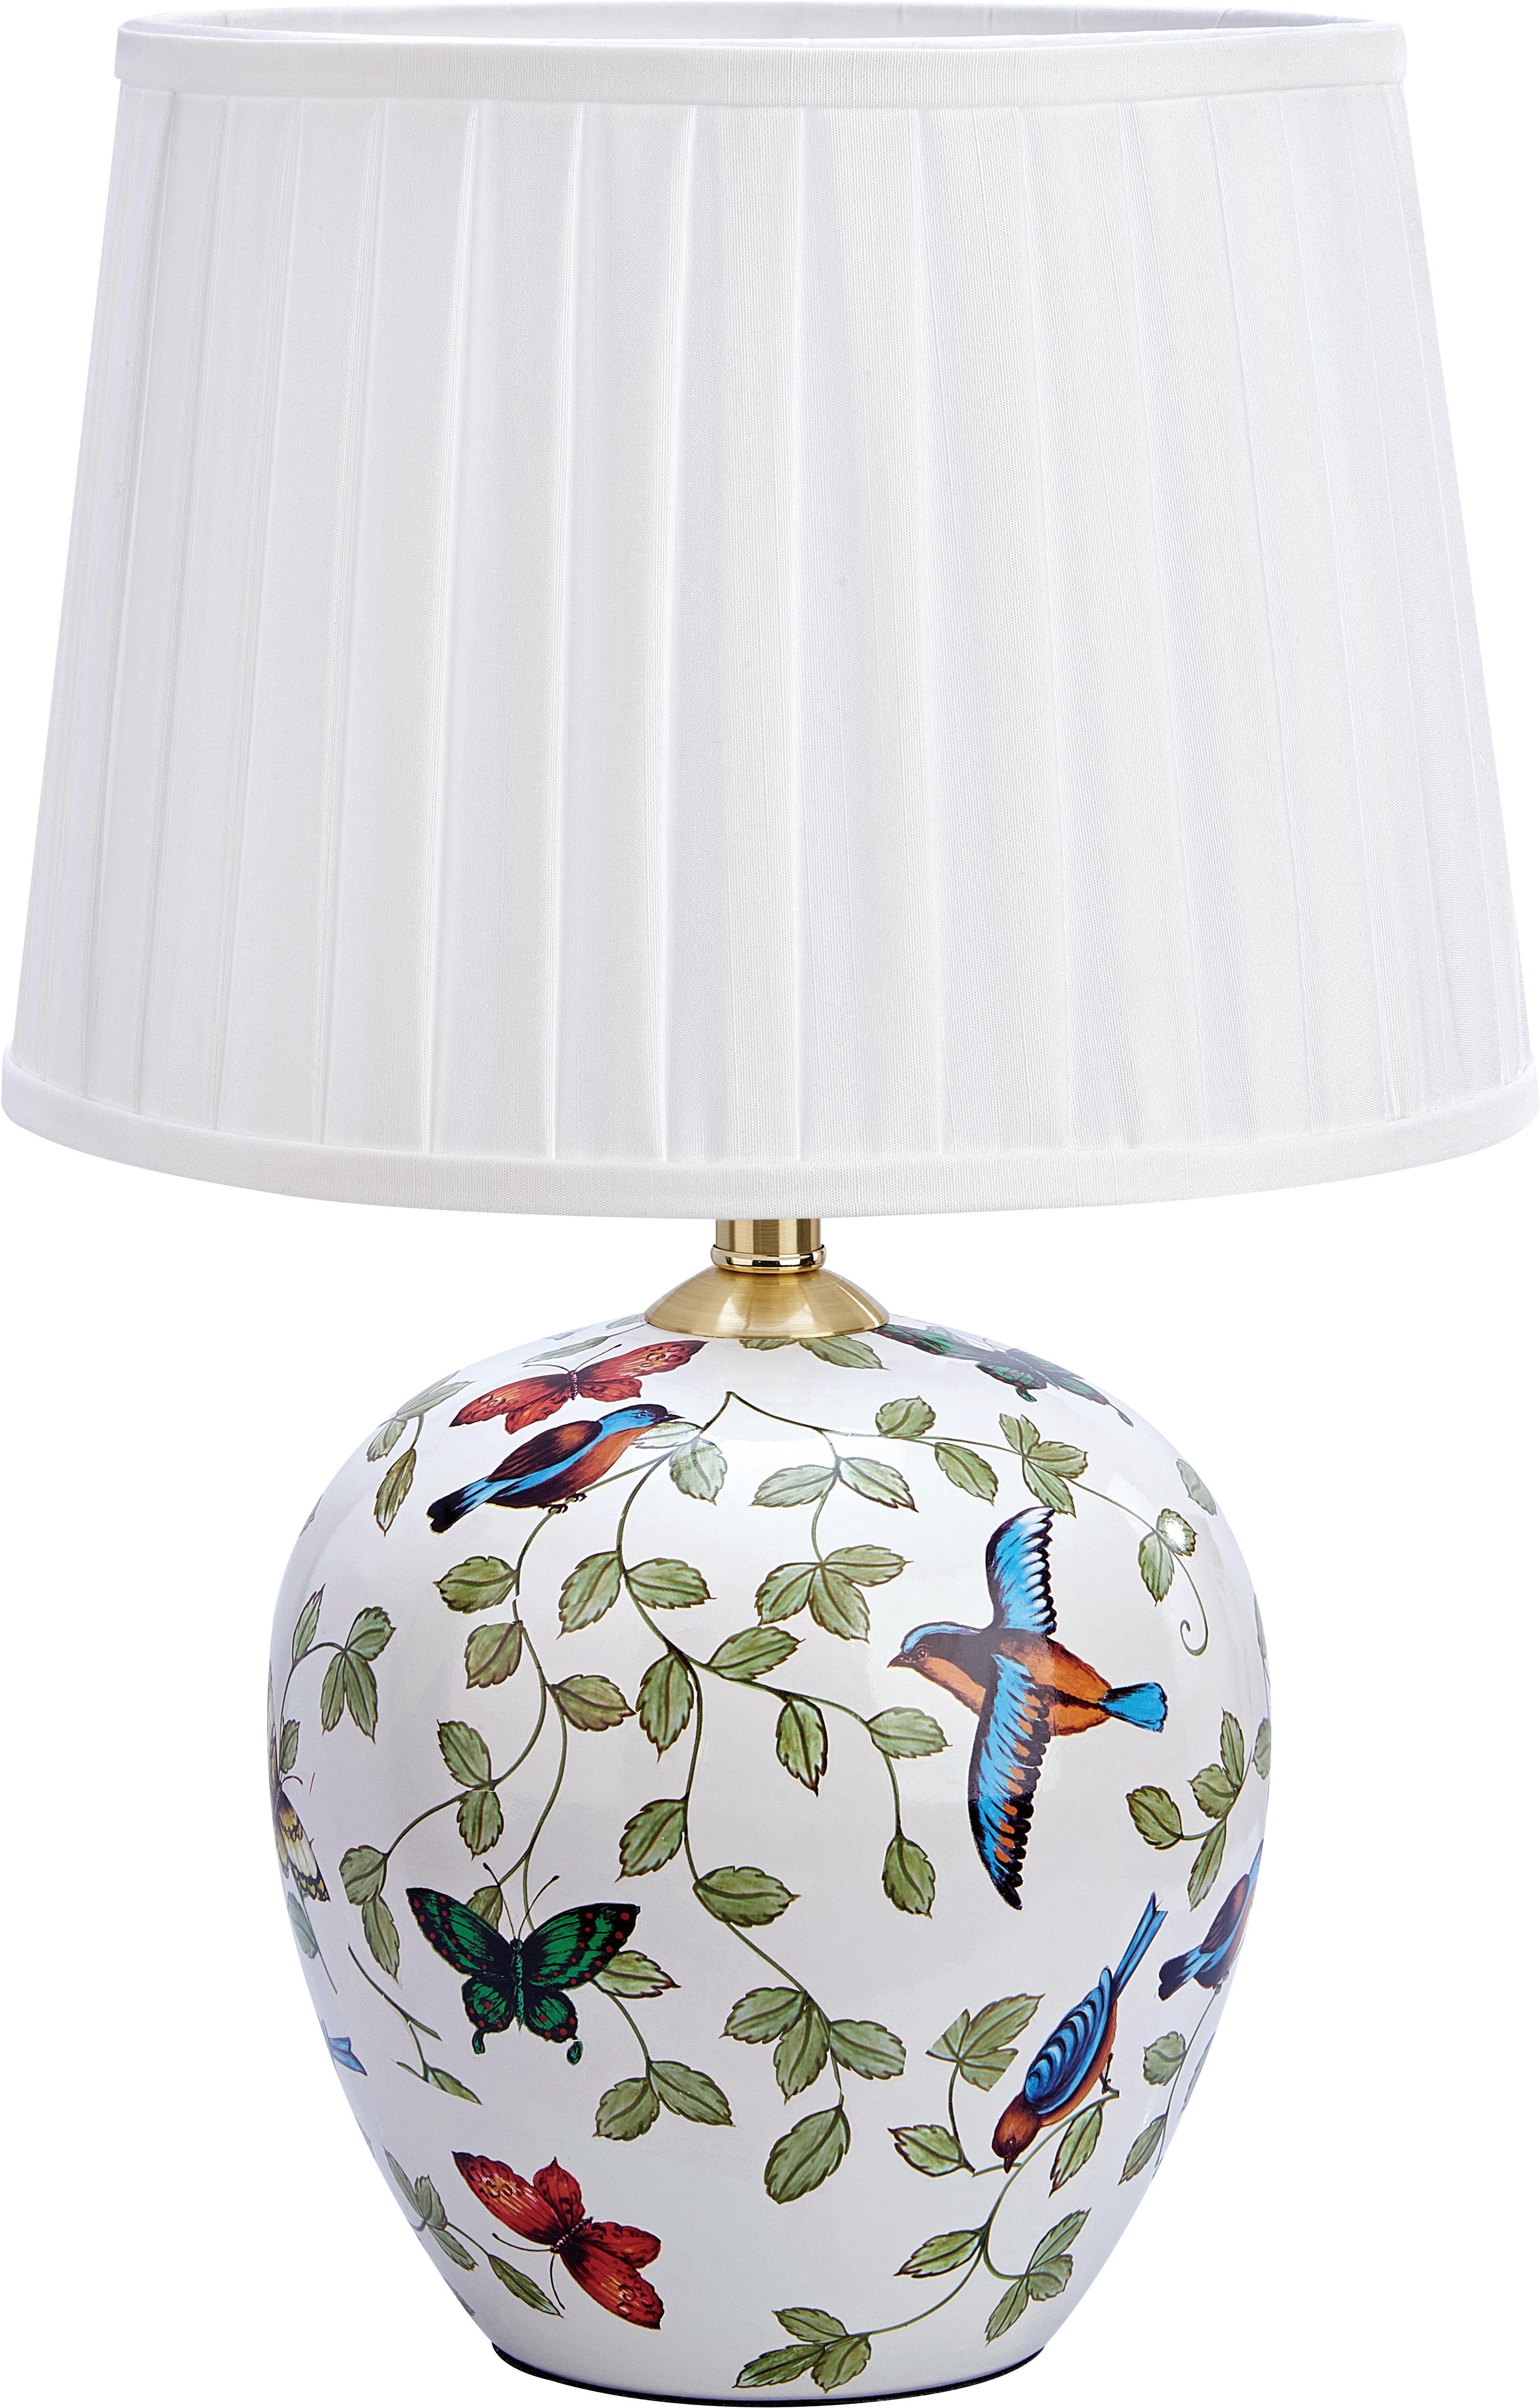 Lampa stołowa z ceramiki Mansion, Biały, wielobarwny, Ø 31 x 45 cm